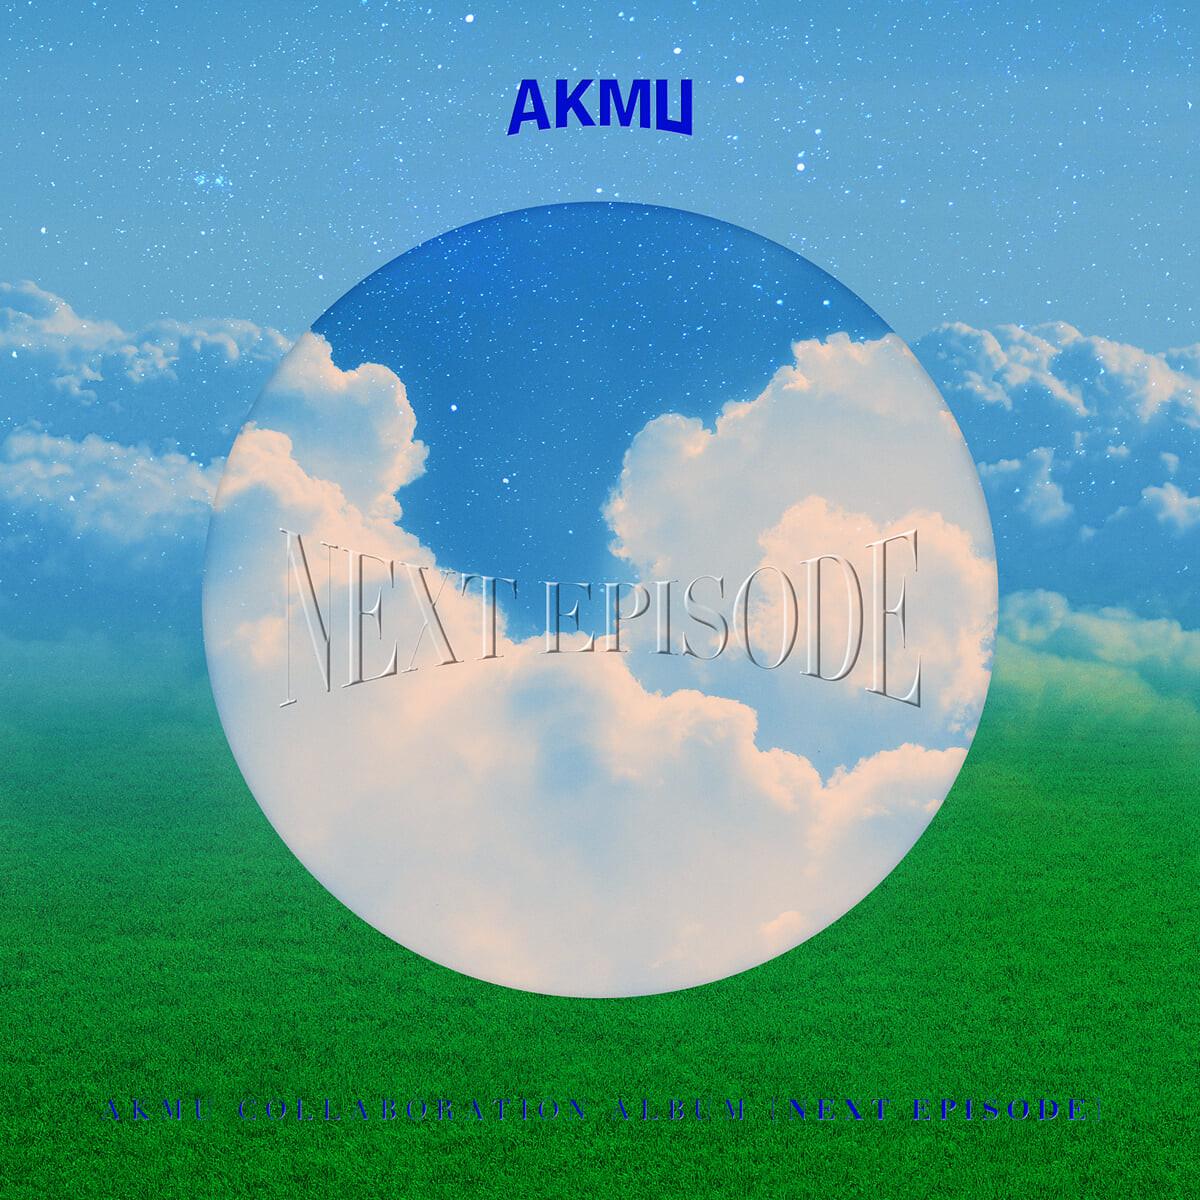 악동뮤지션 - AKMU COLLABORATION ALBUM [NEXT EPISODE] [LP]